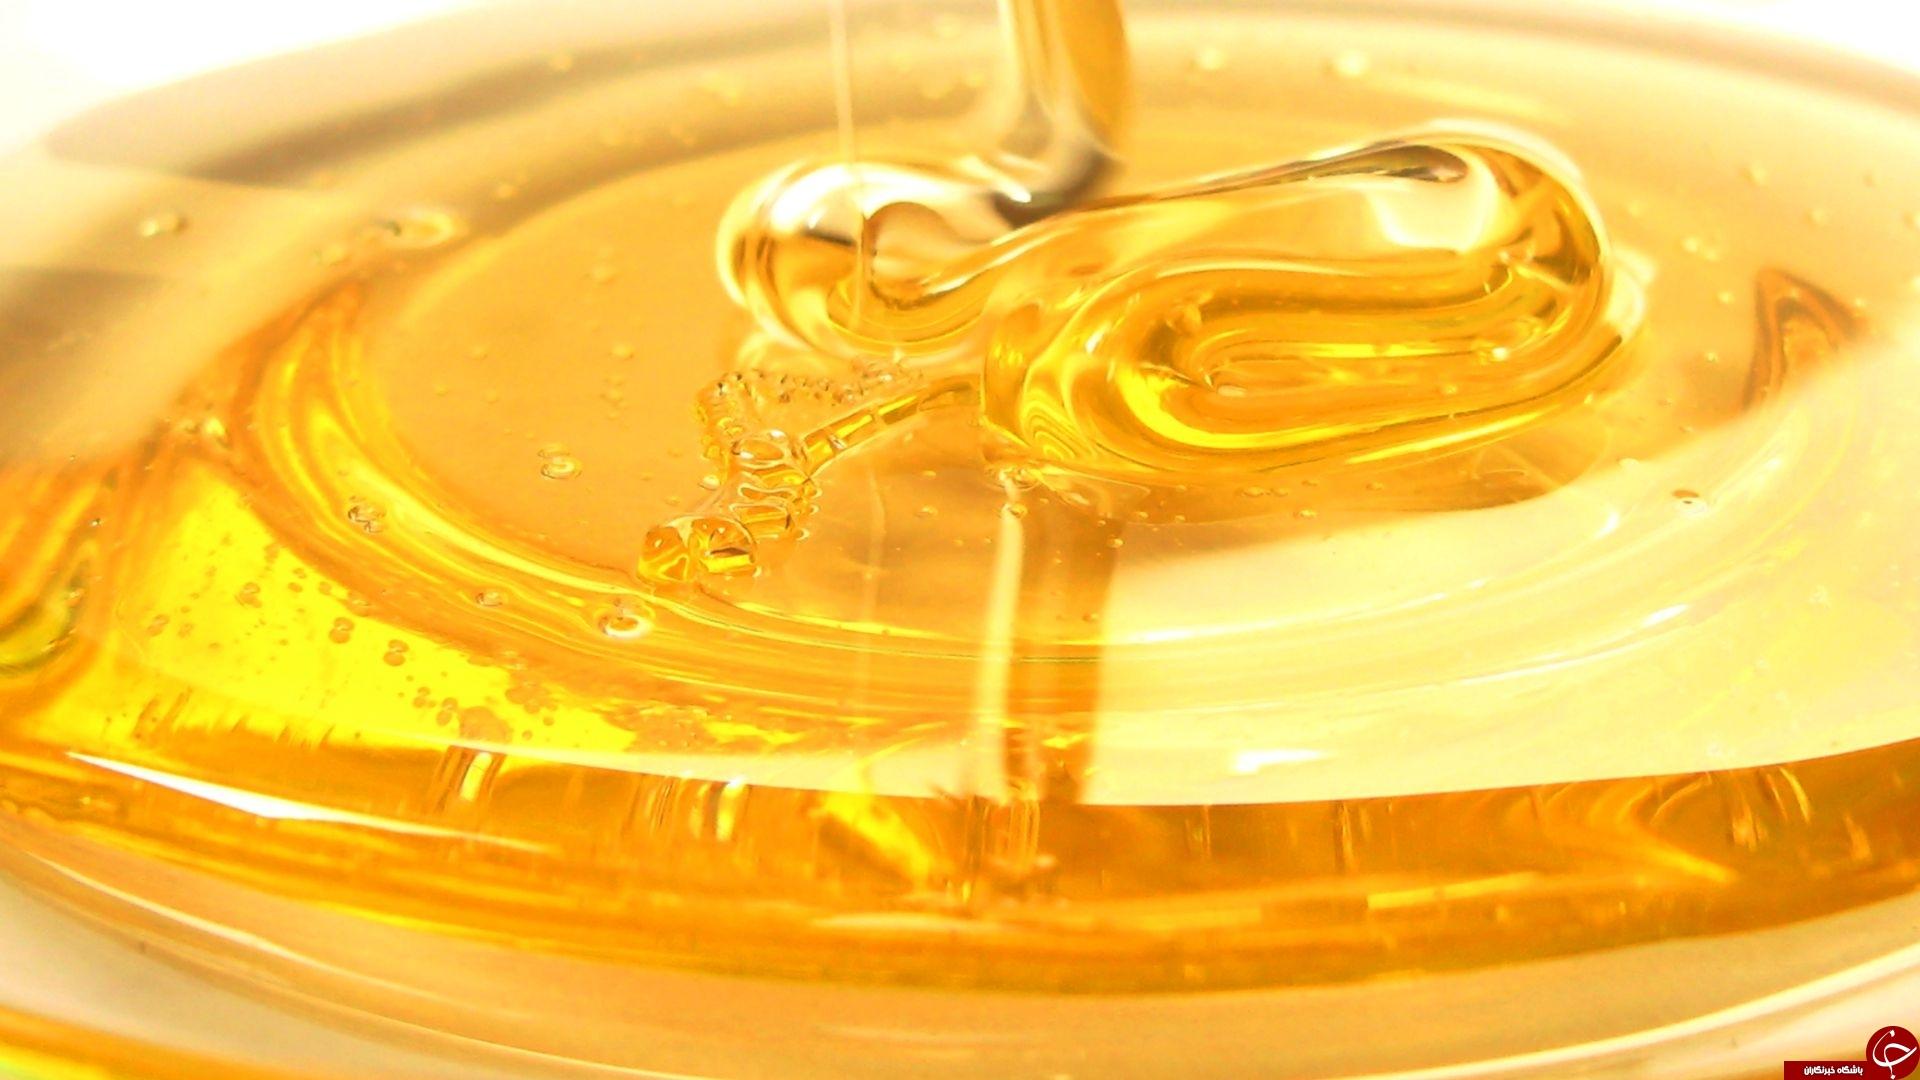 از خواص شگفت انگیز عسل گون چه می دانید؟! / عسلی برای درمان دردهای مفصلی و استخوانی +طریقه مصرف